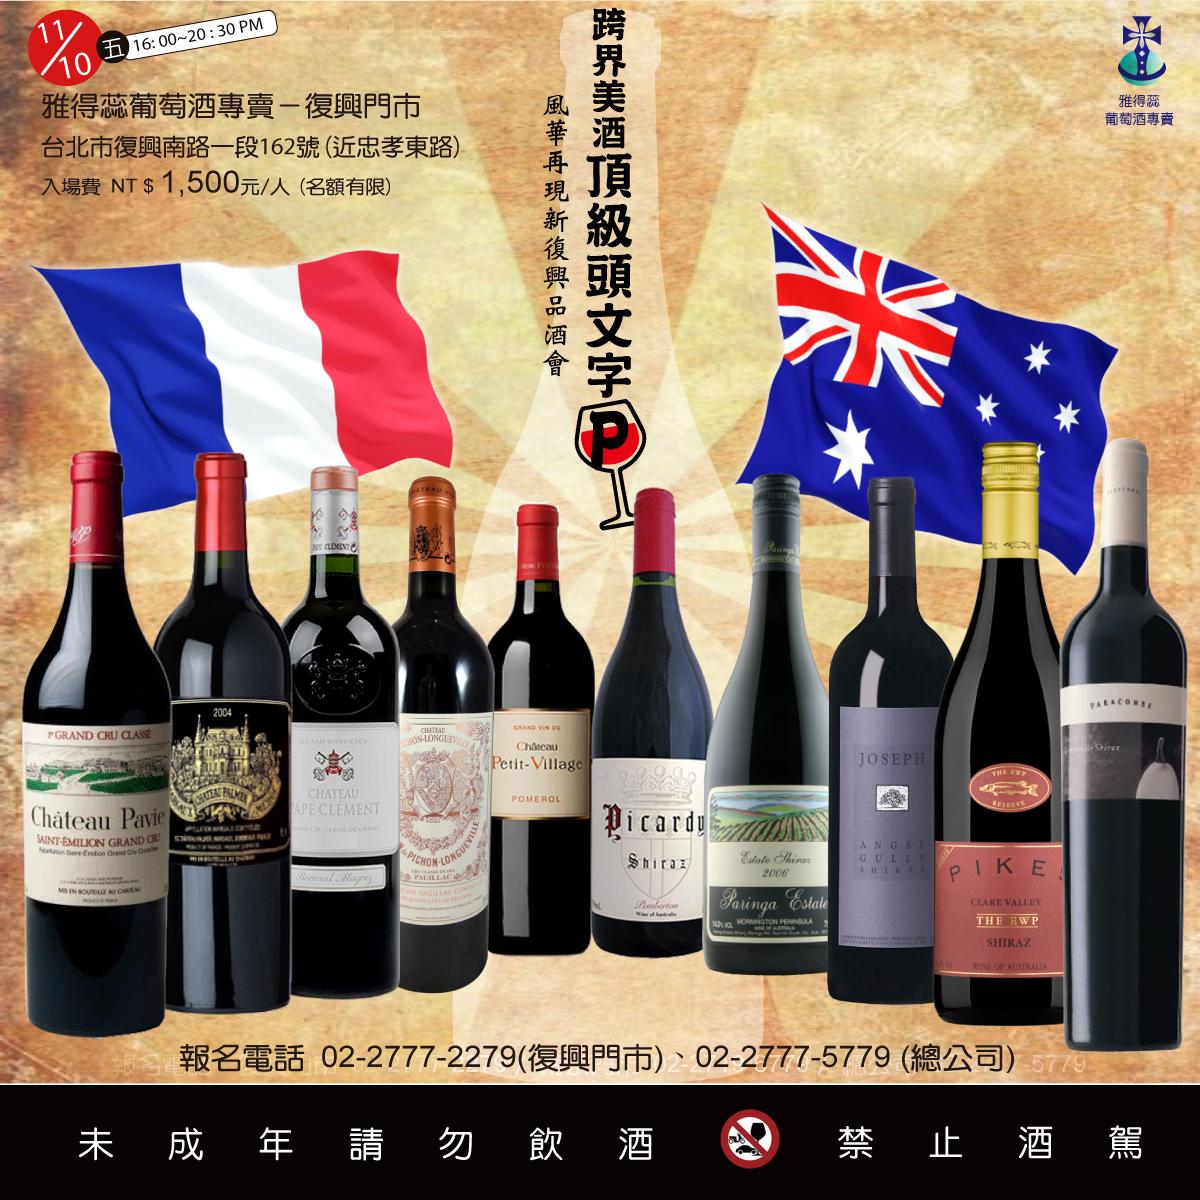 20171110_fb廣告《跨界美酒‧.jpg